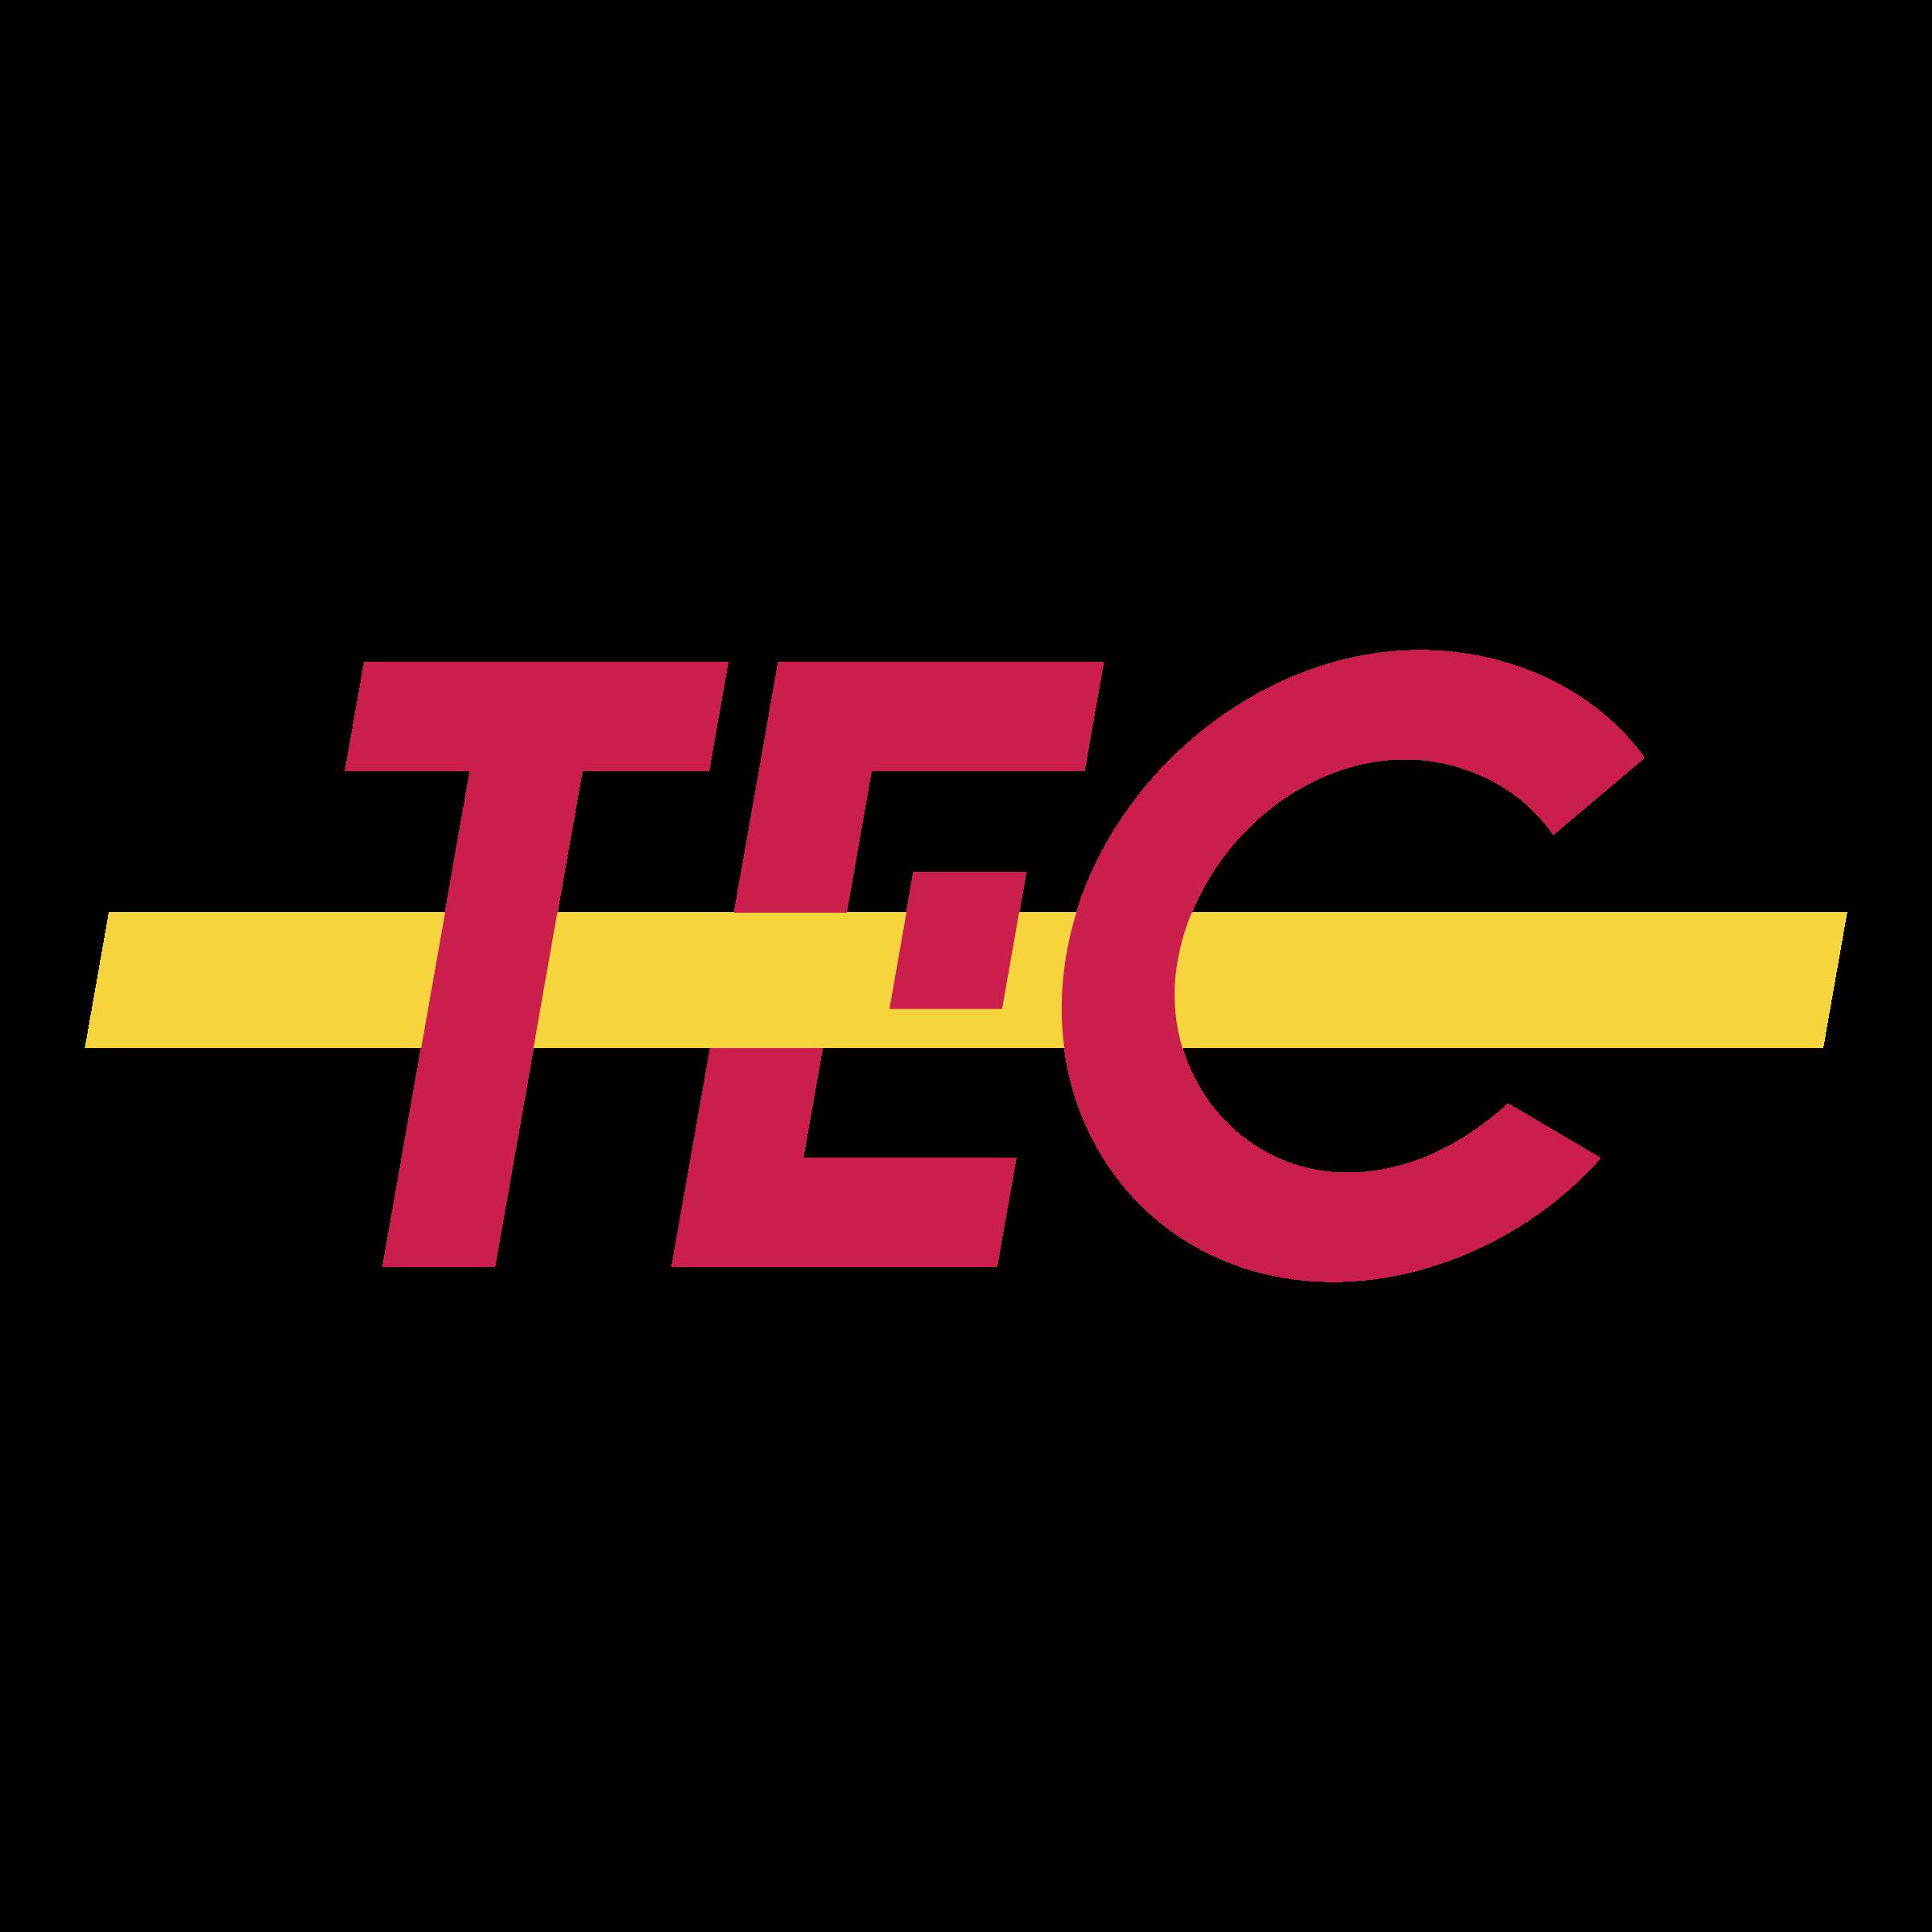 Tec Logo PNG Transparent & SVG Vector.